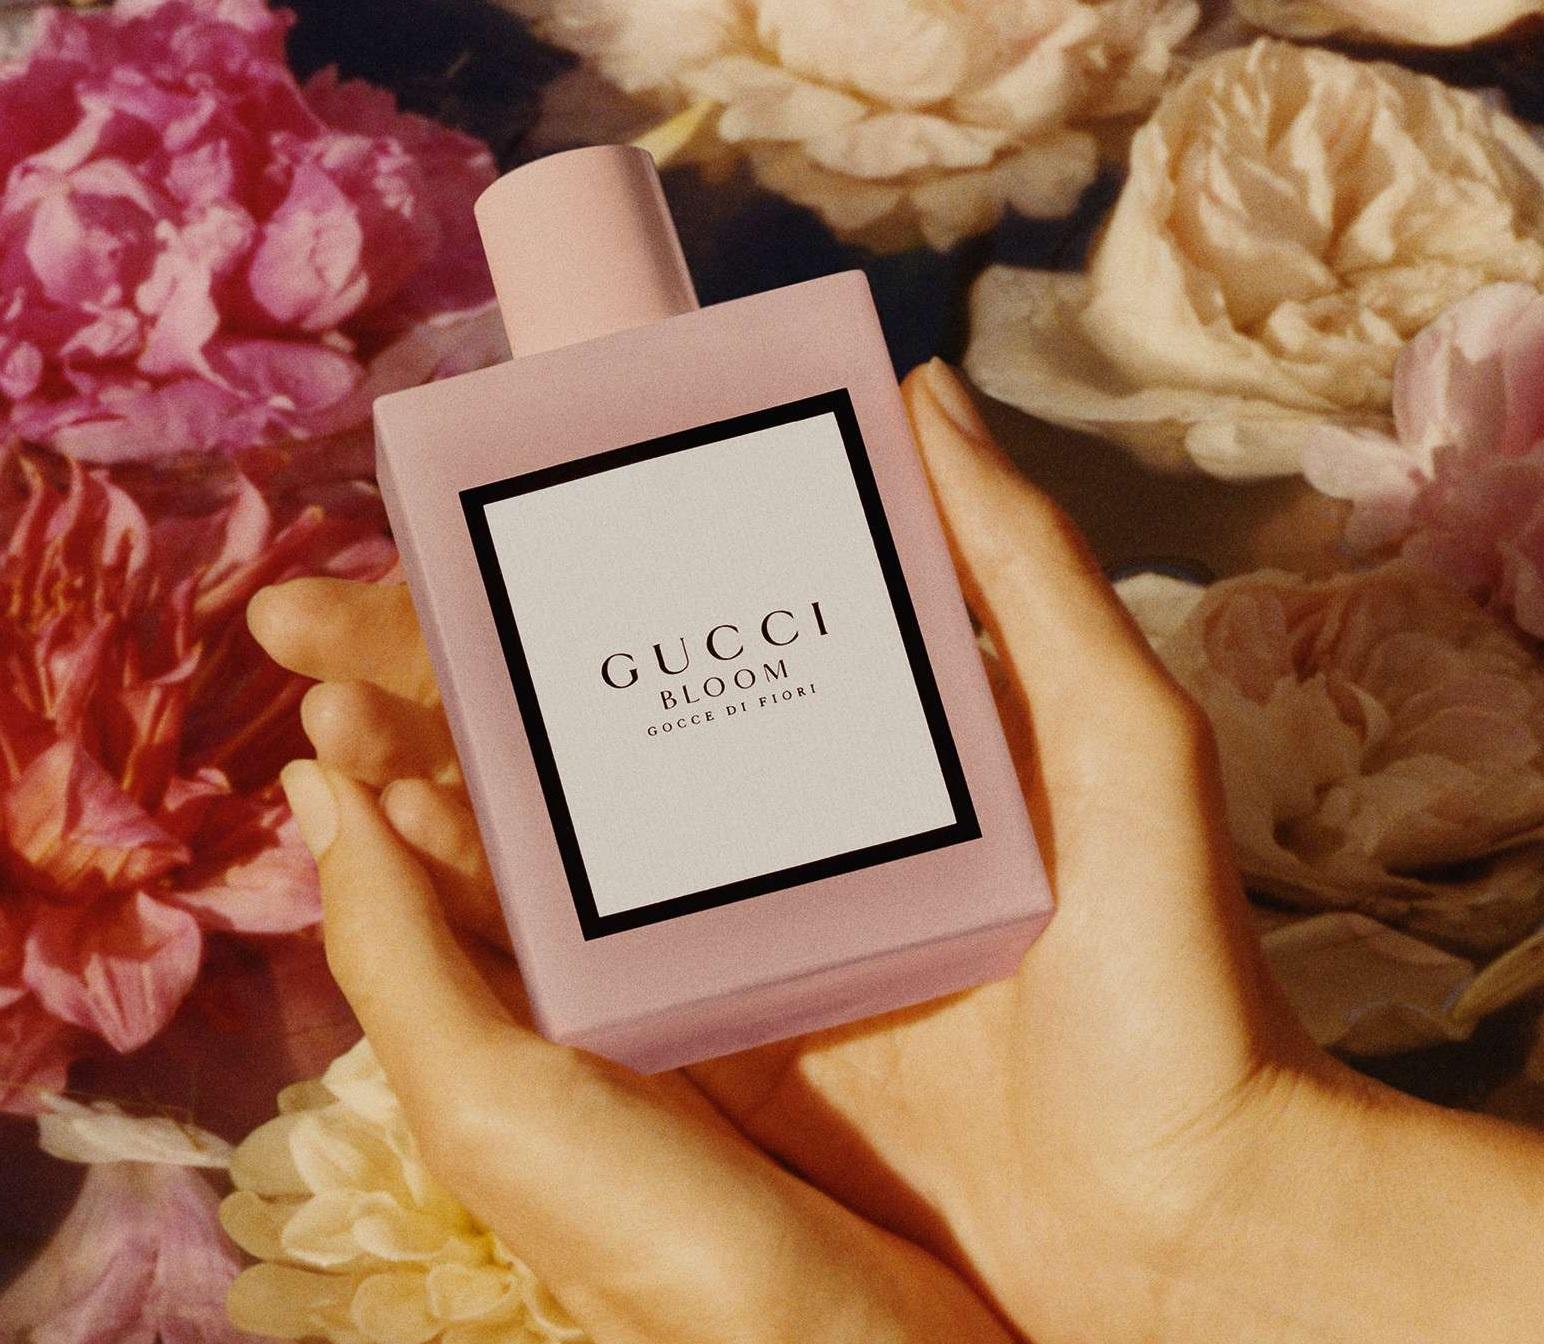 1f0b2ab041 Gucci Bloom Gocce di Fiori ~ New Fragrances